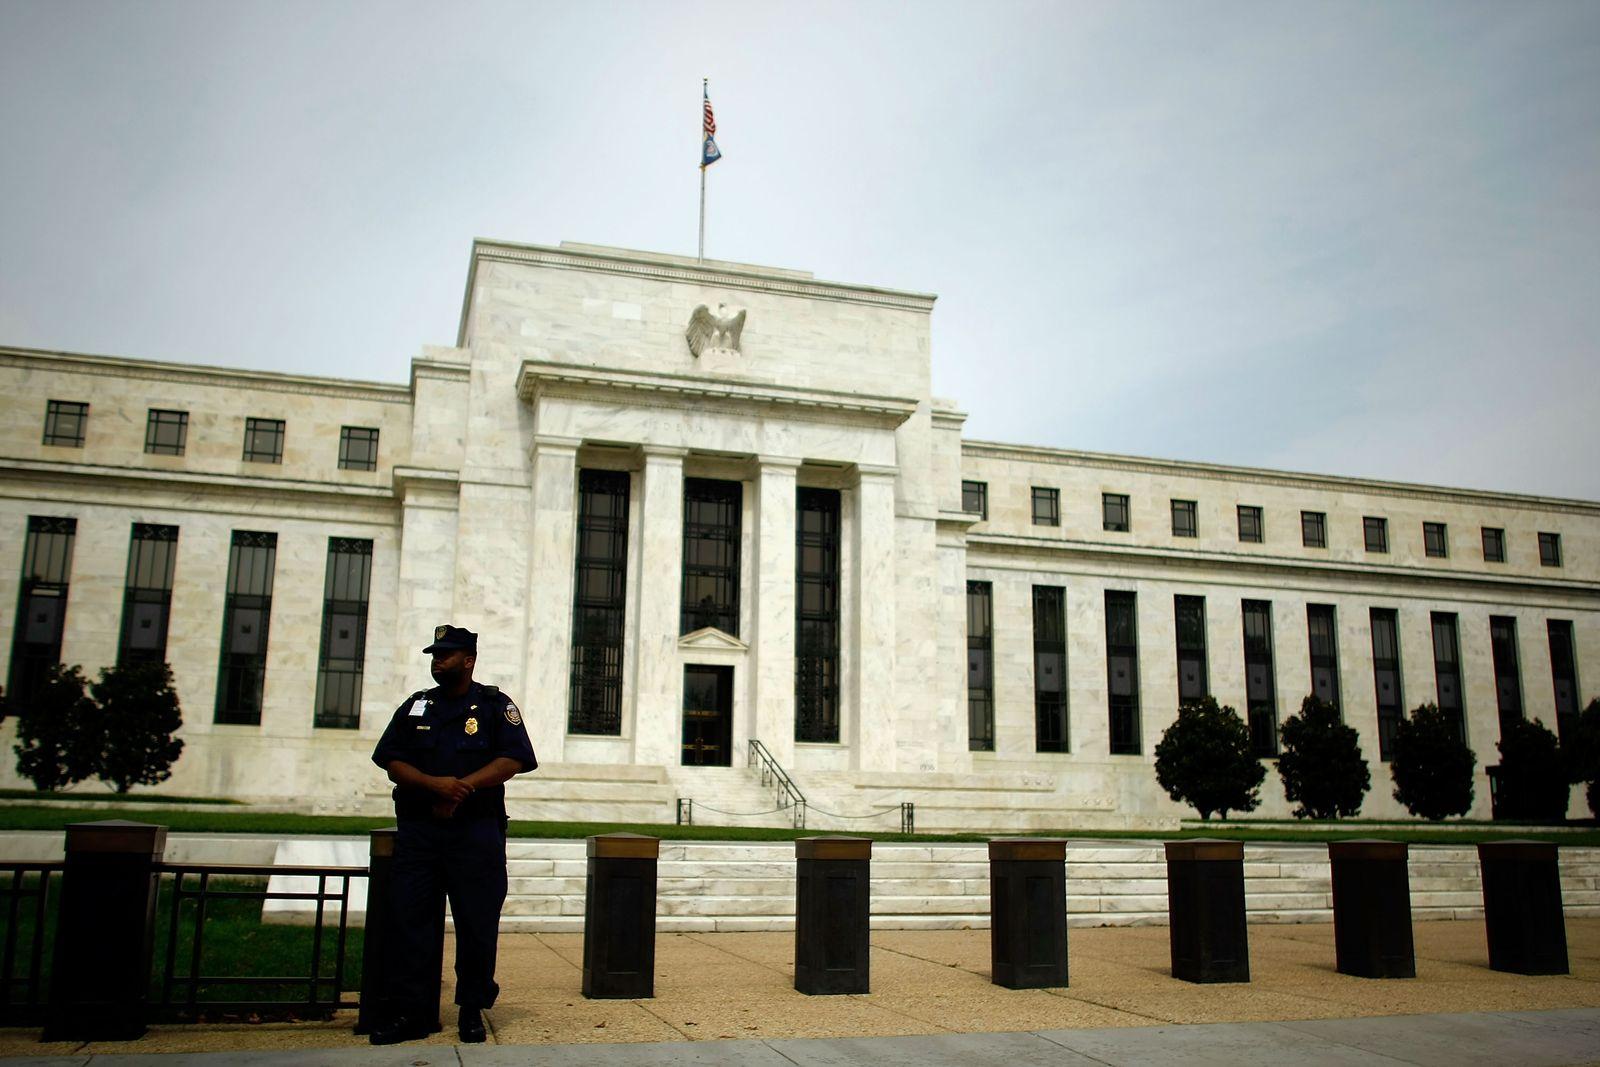 Fed / Eccles Building, Hauptsitz des Federal Reserve in Washington, D.C.